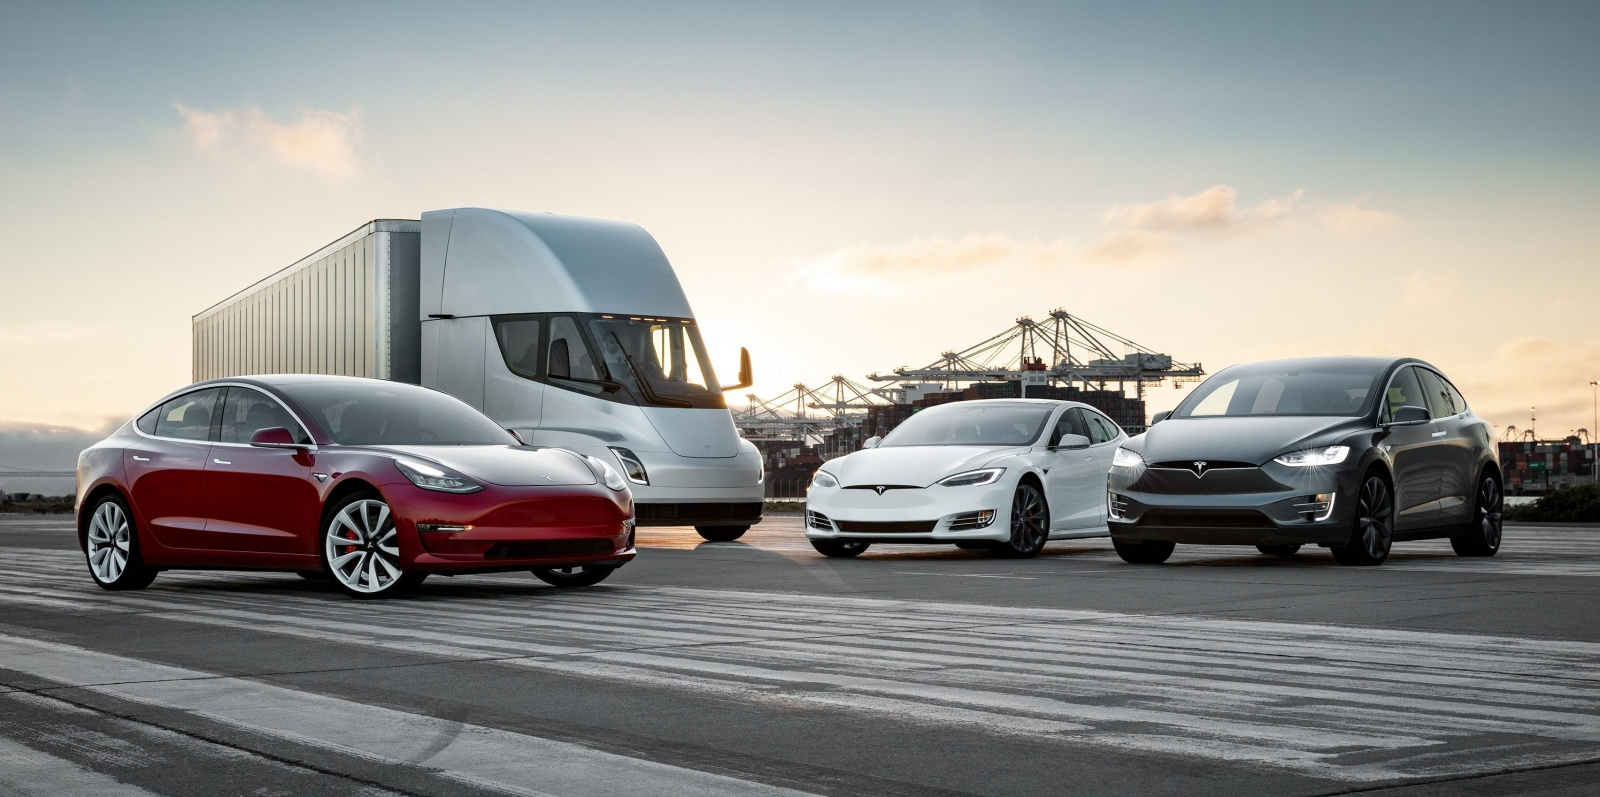 Чего ожидать от компании Tesla в 2019-м году: Model Y, обновление Model S-X и многое другое - 1